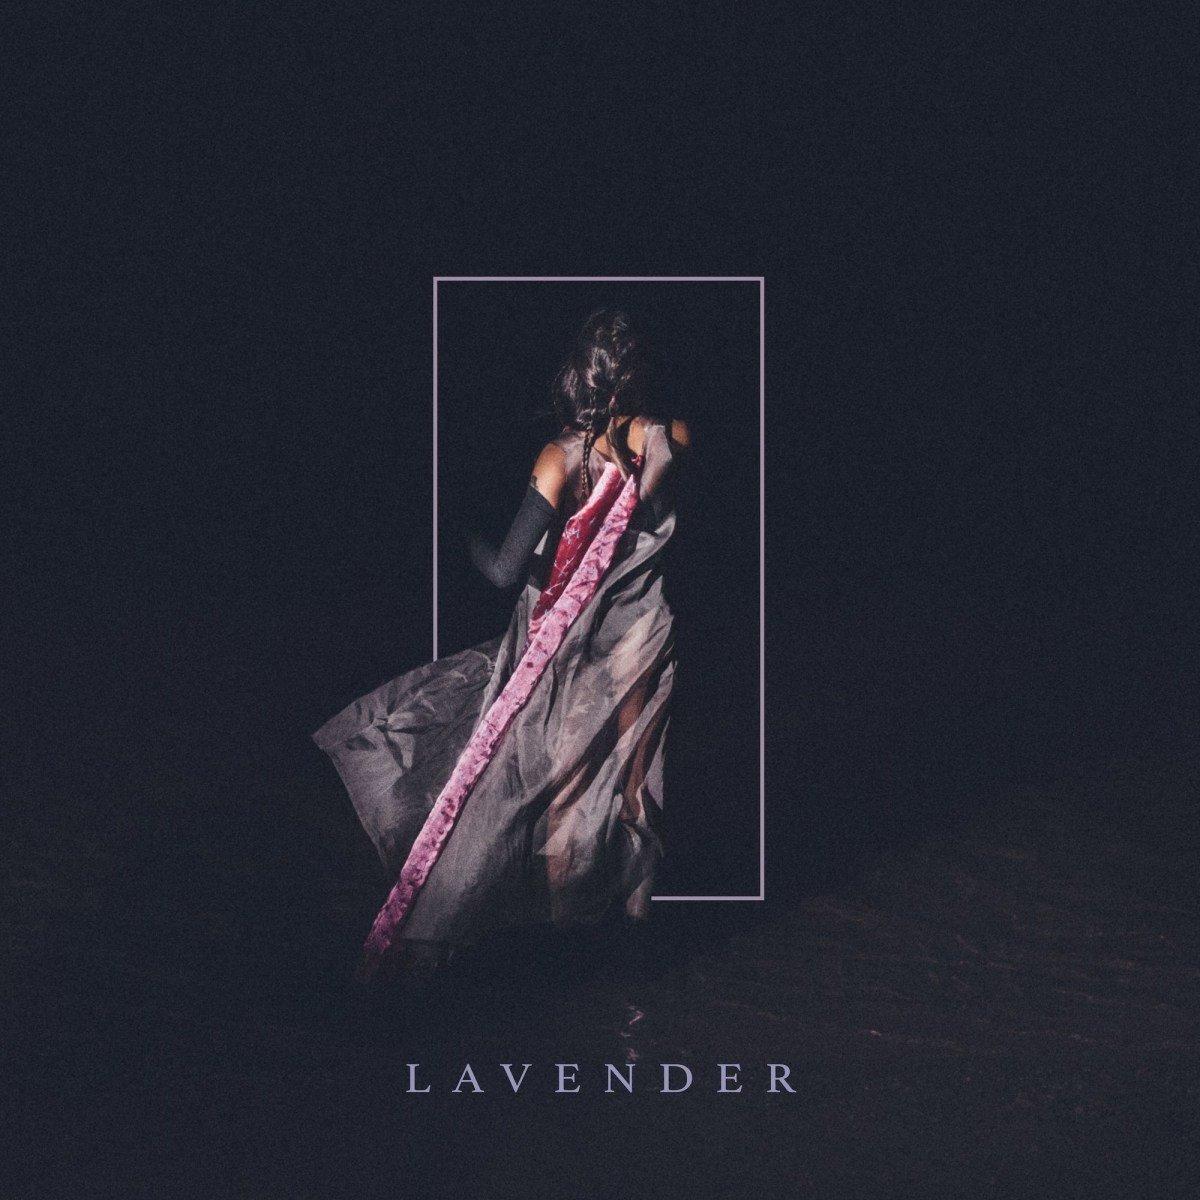 Vinilo : Half Waif - Lavender (Digital Download Card)